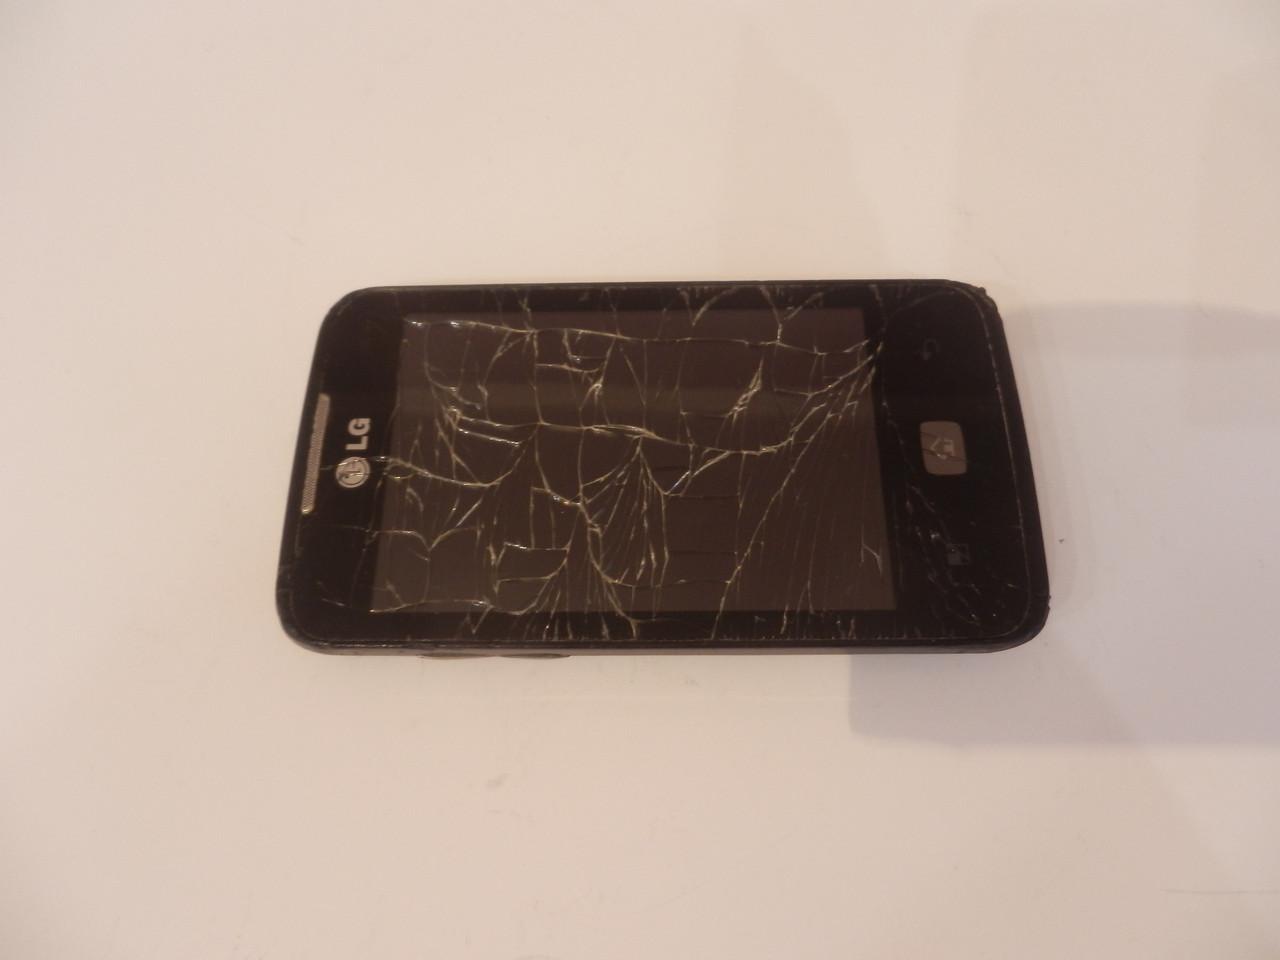 Мобильный телефон LG (неизвестная модель) №6380